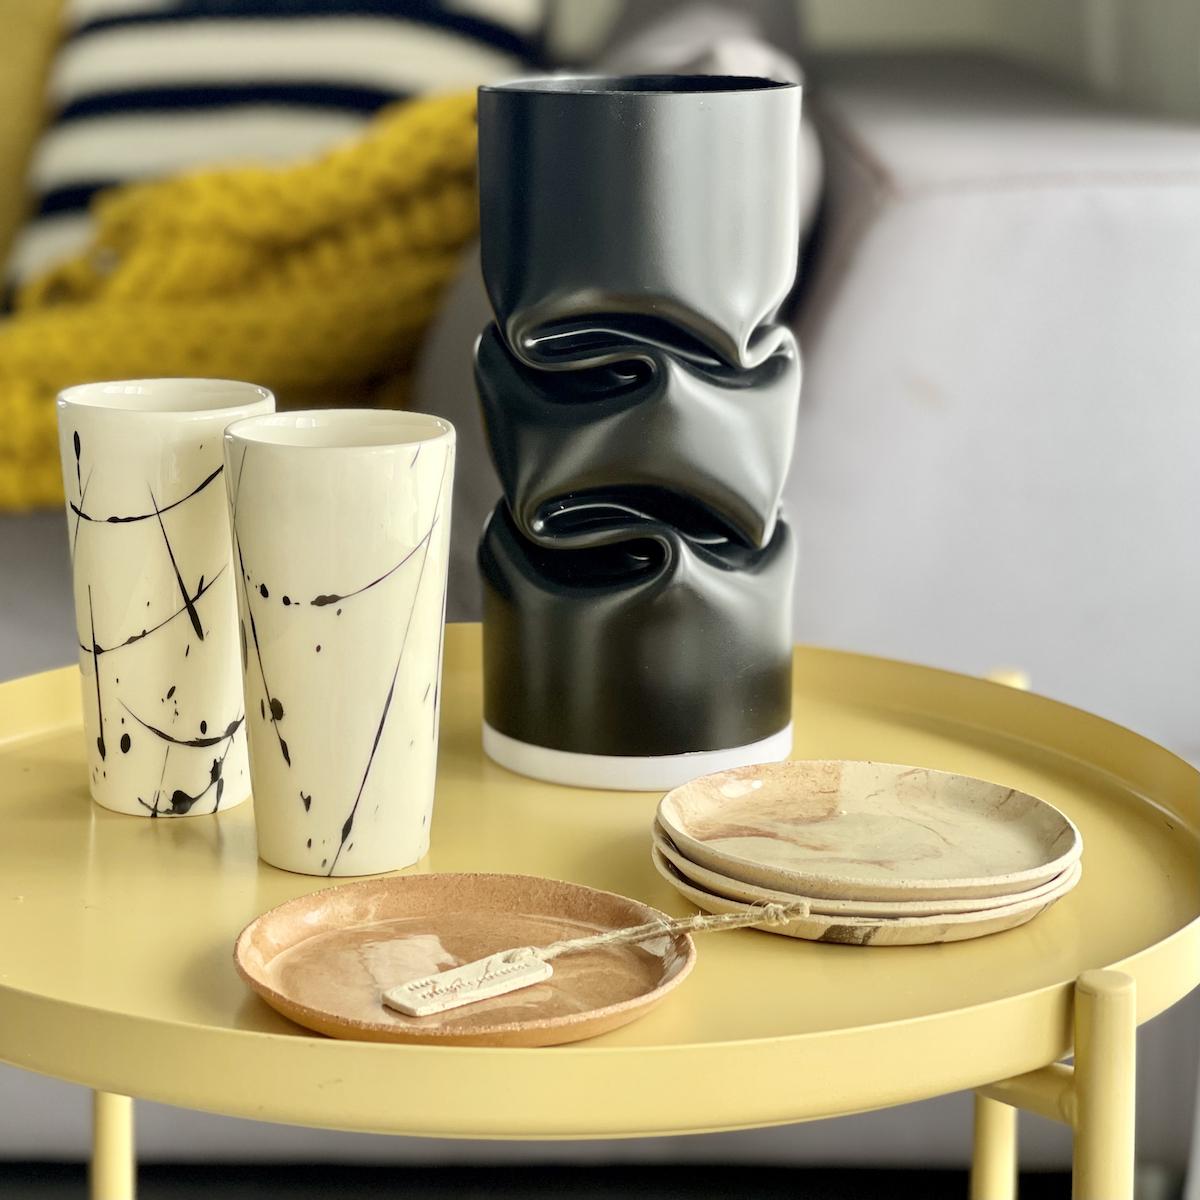 אגרטל כוסות וצלחות עיצוב ישראלי